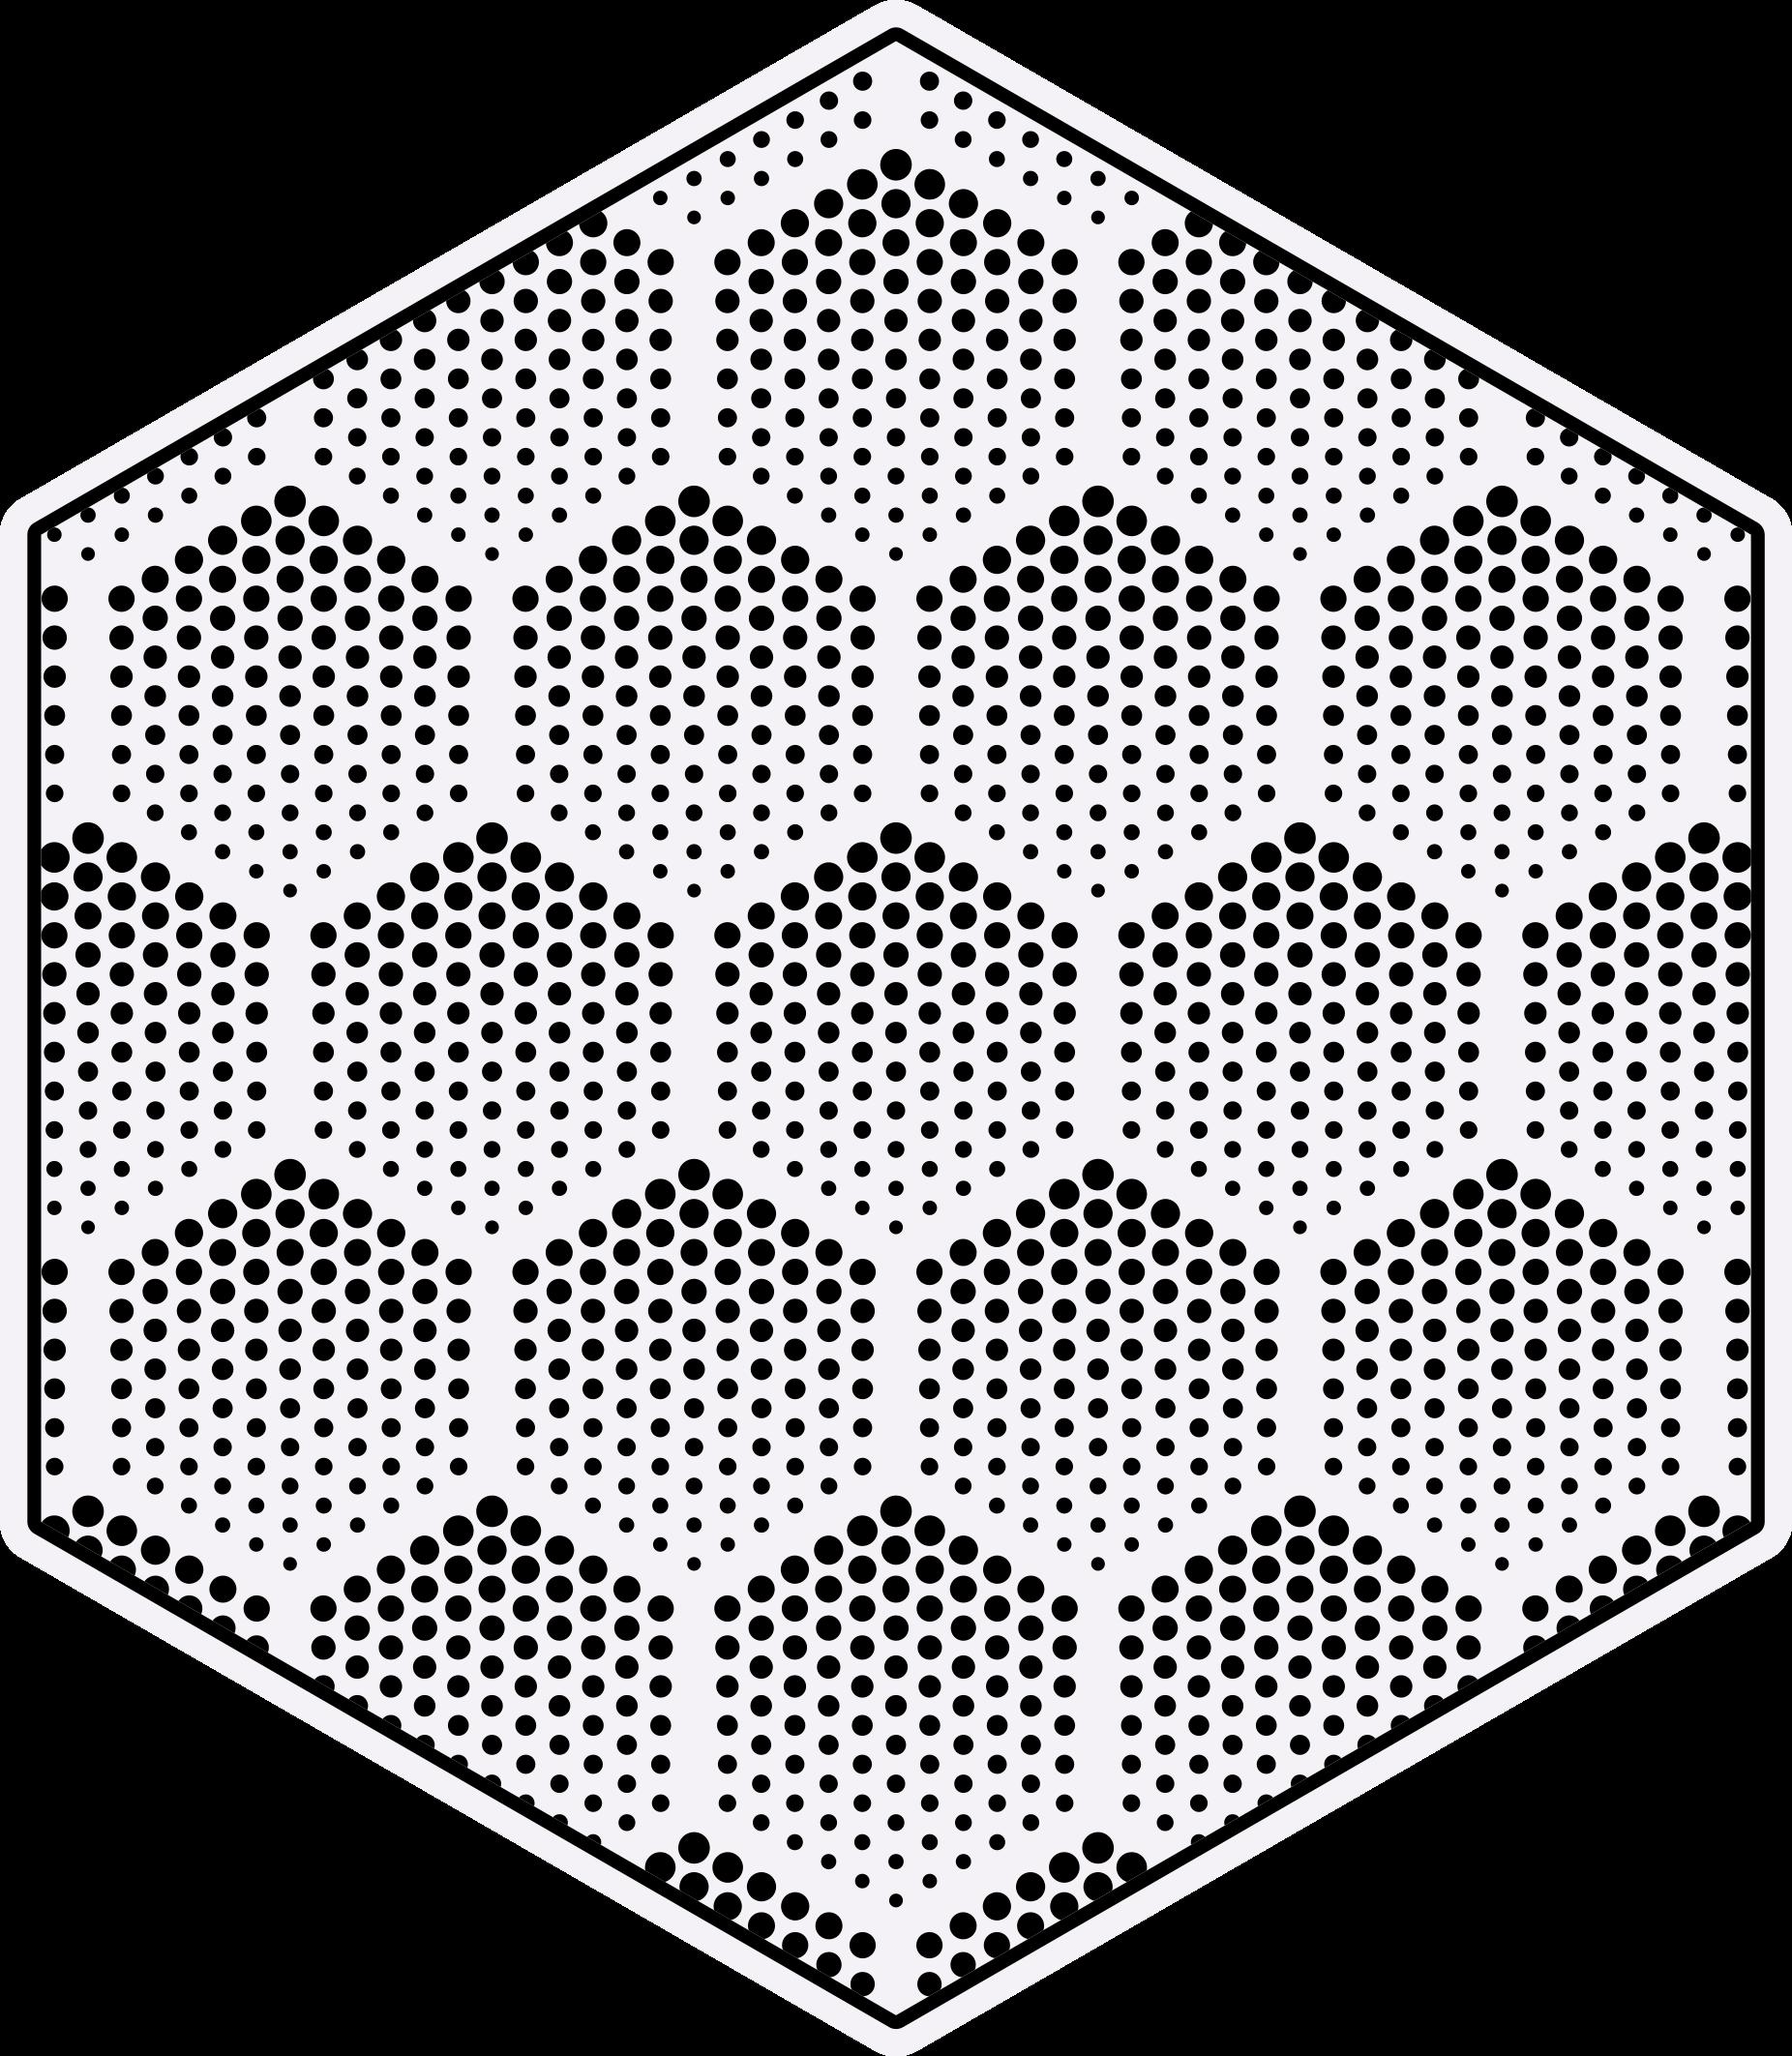 TENSTICKERS. ドットフィギュア幾何学カーペット. 私たちの高品質の幾何学的形状のビニールカーペットで多くのお金を費やすことなくあなたの家のスペースを改善します。オリジナルでお手入れも簡単です。